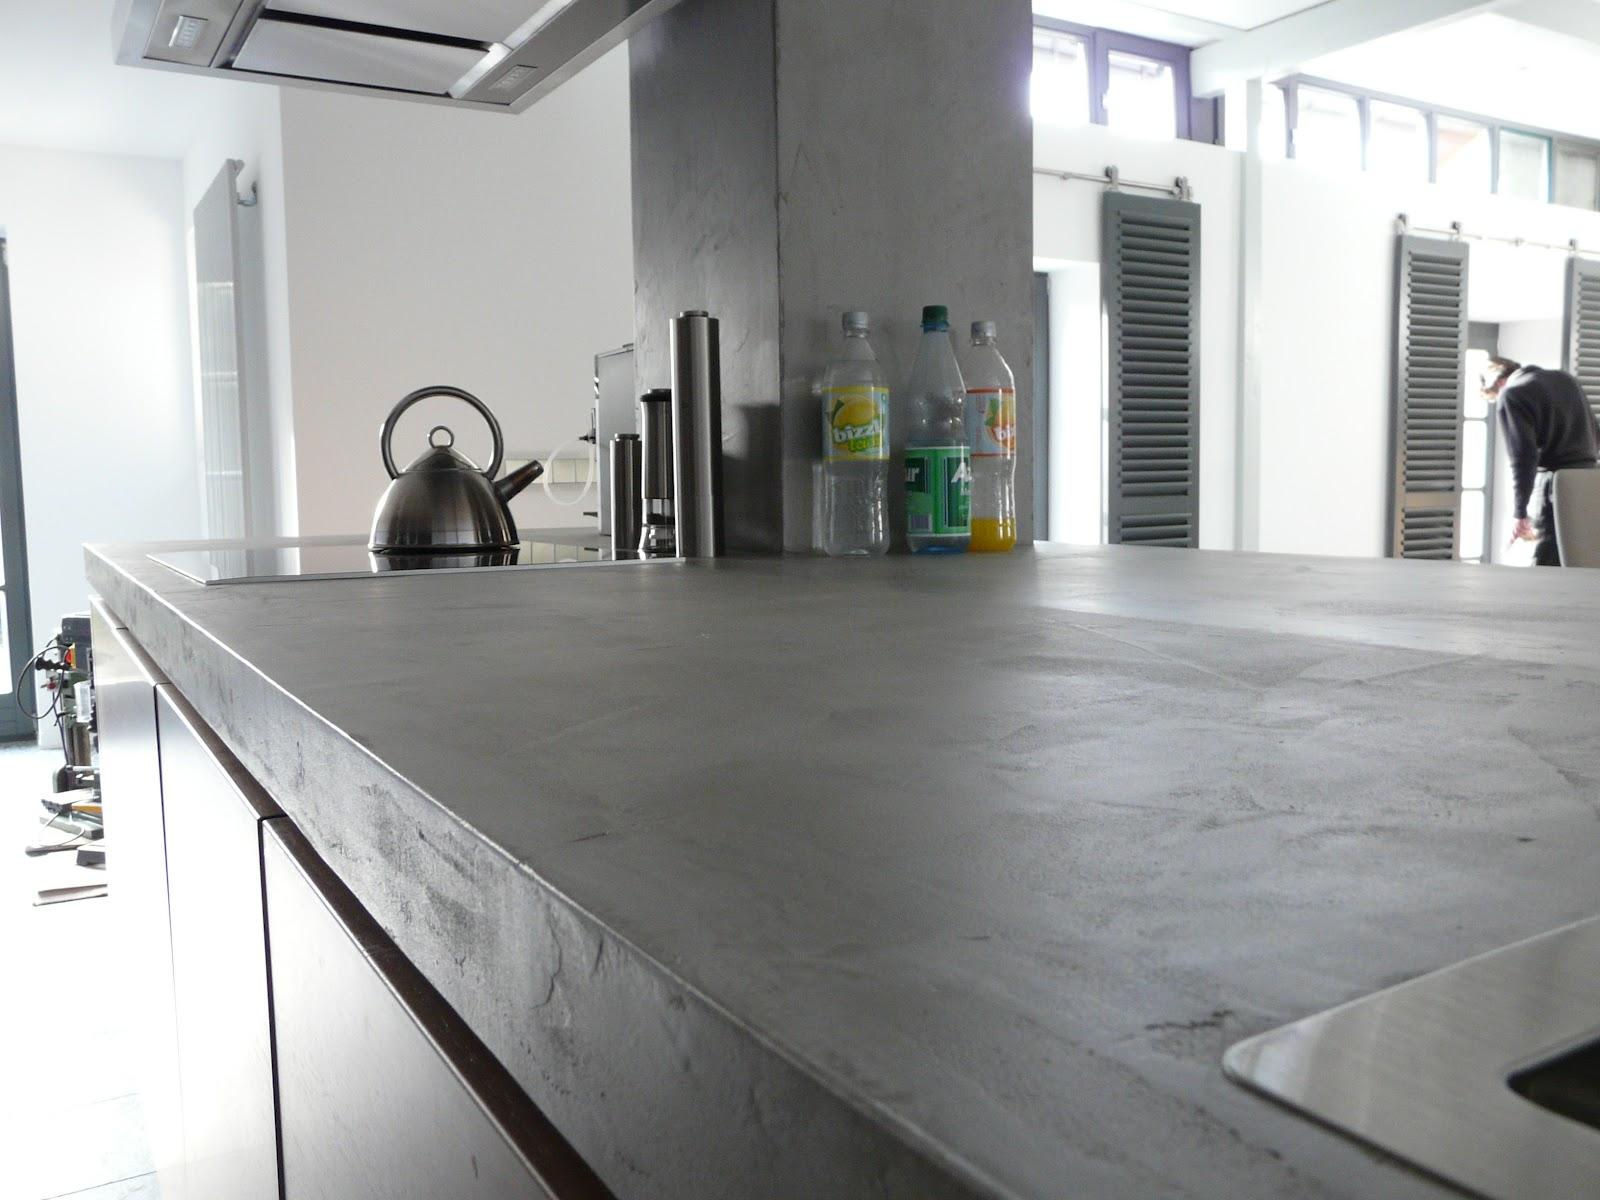 Beton Kuchenplatte Selber Bauen Ikea Keuken Deuren Inspiratie Koak